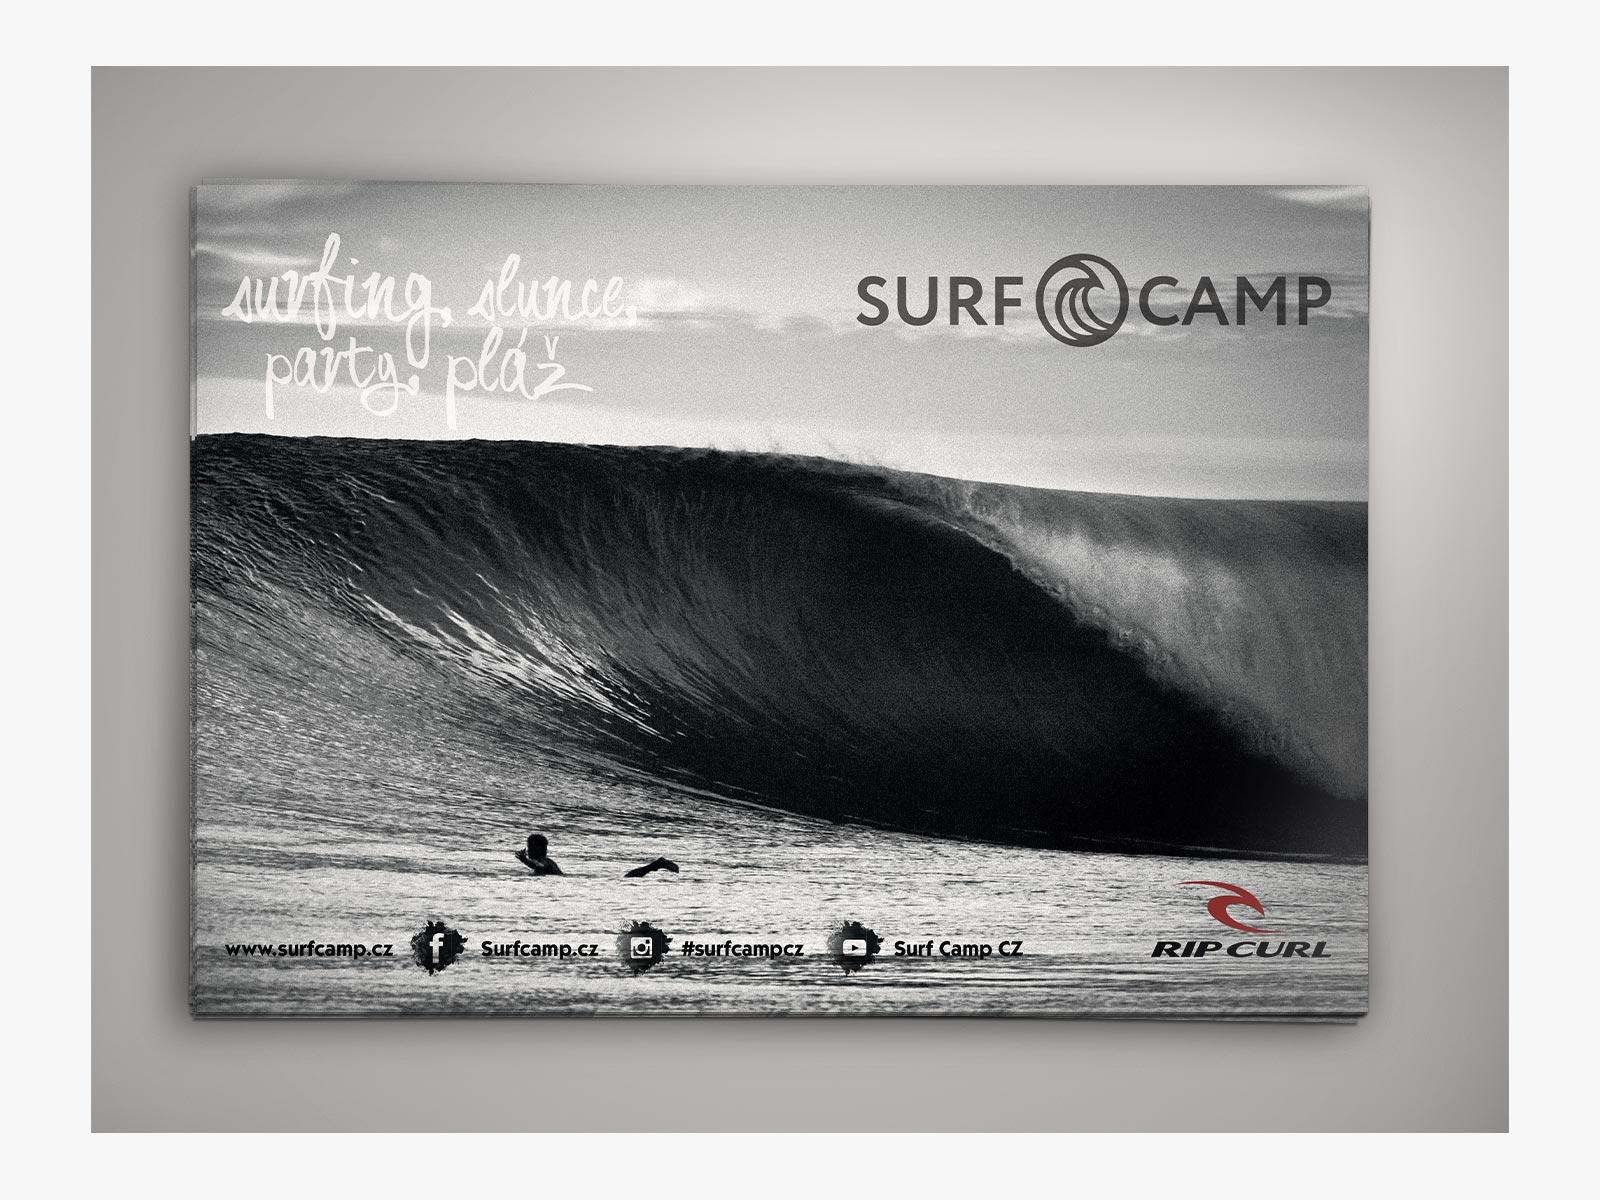 Surfcamp poster